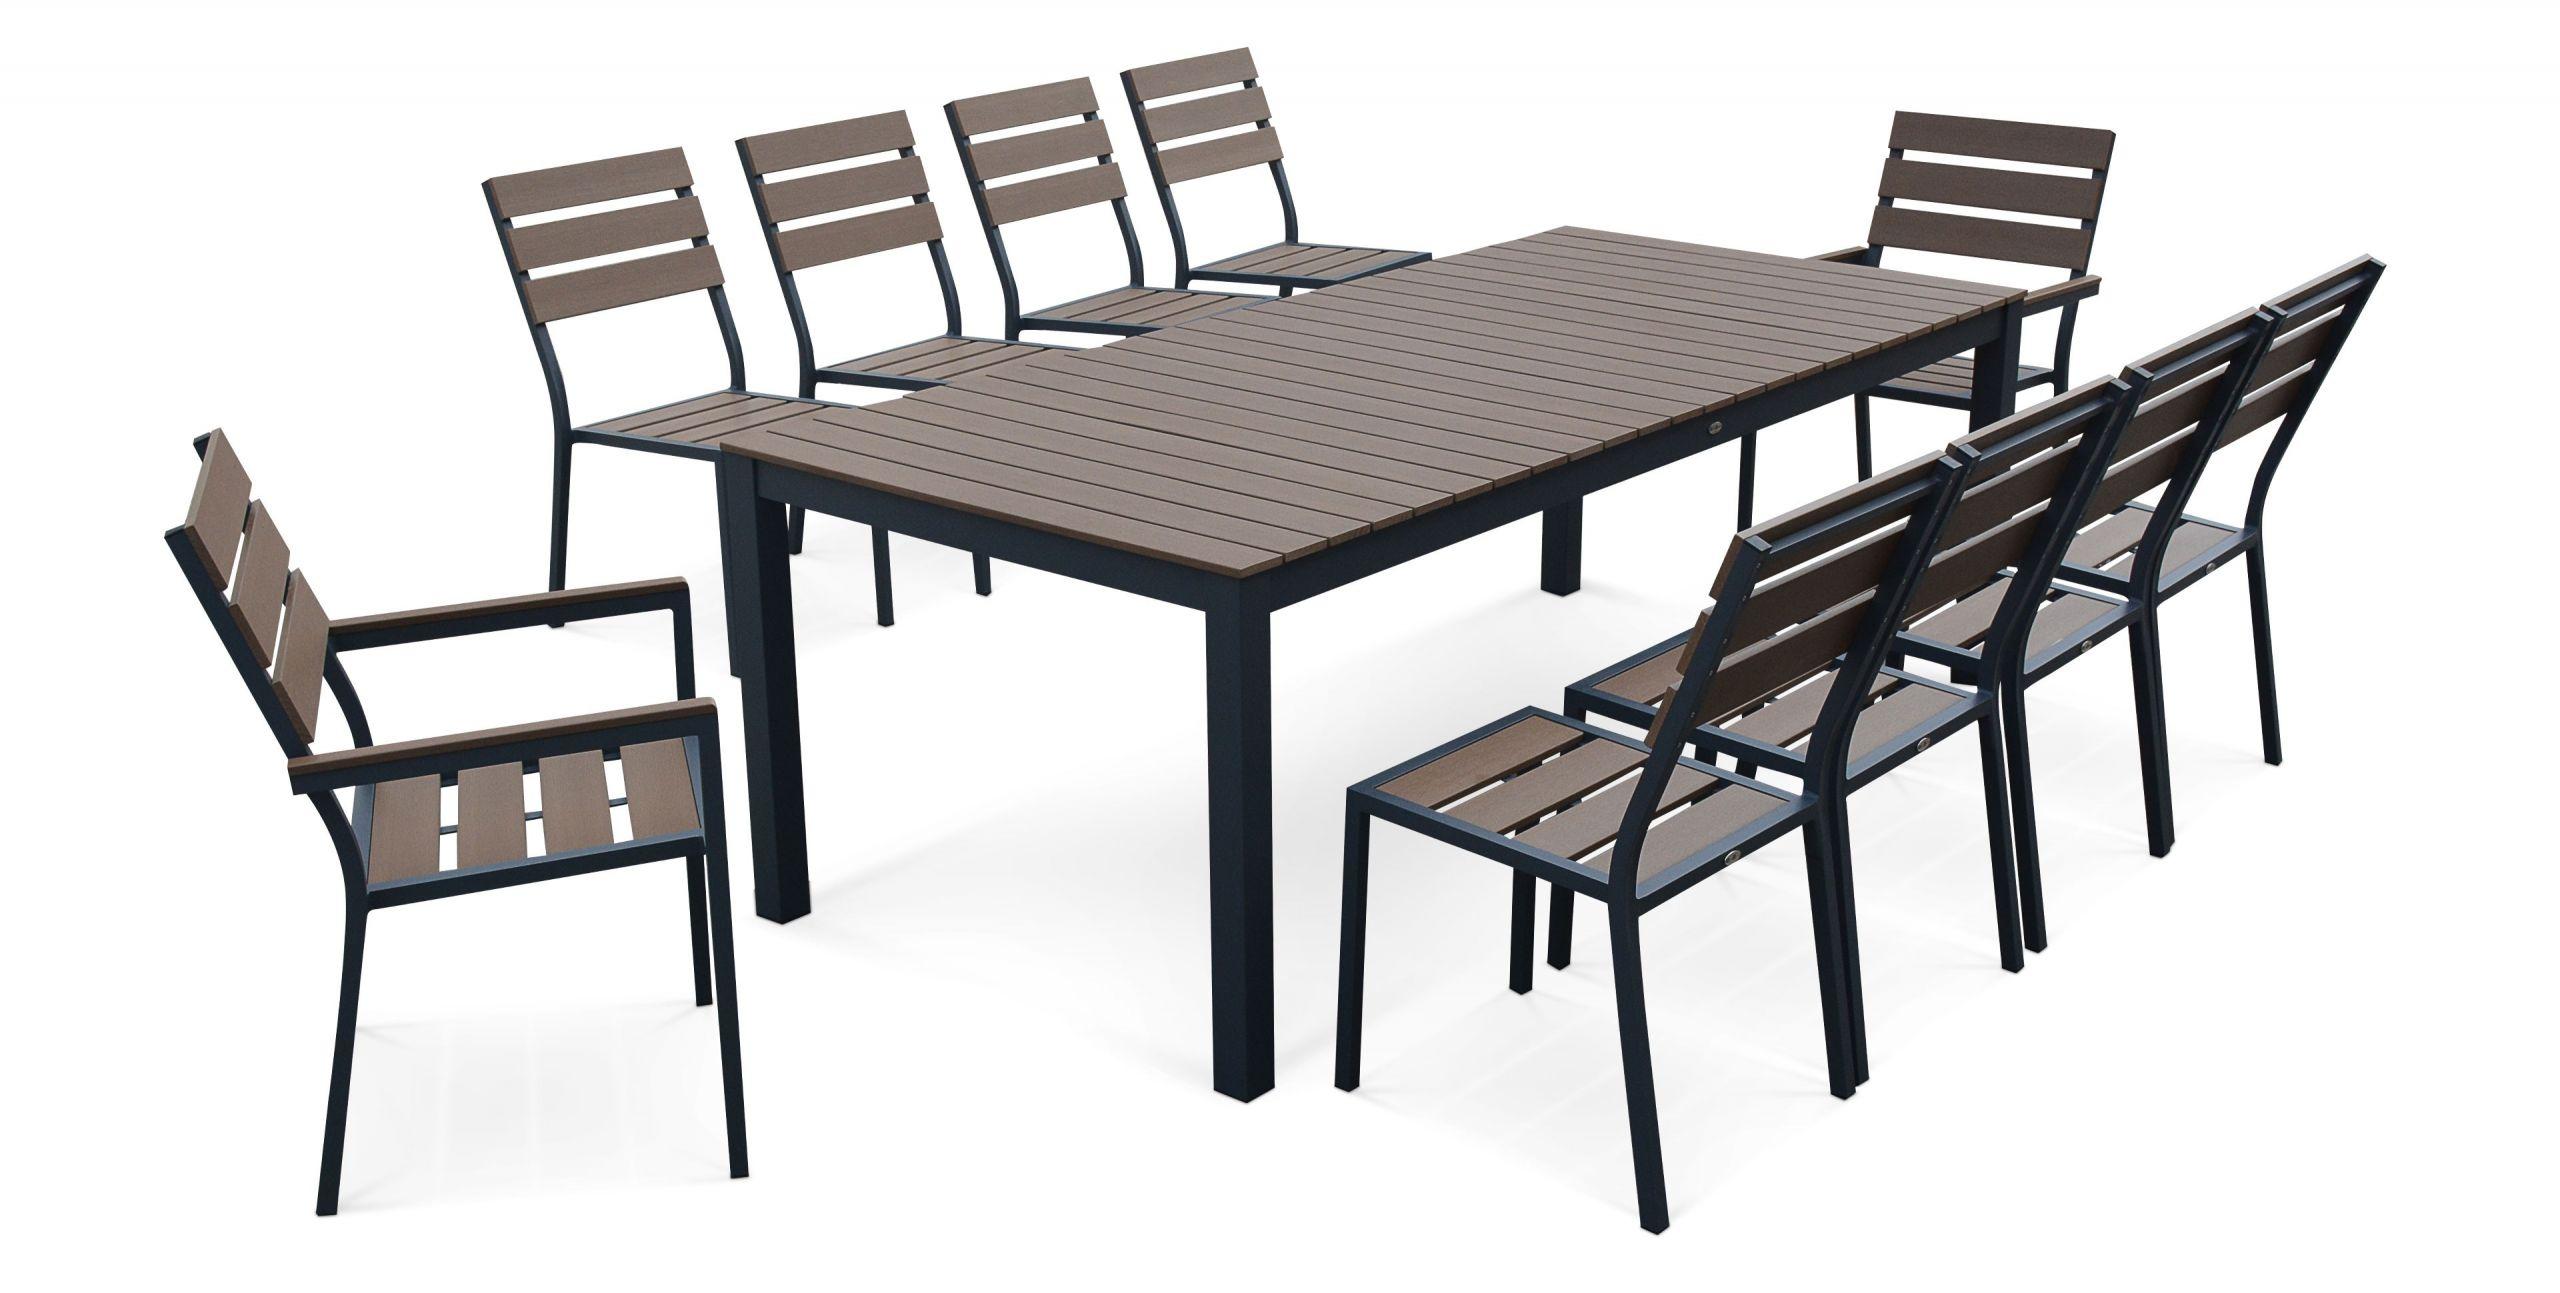 Table de jardin avec chaise table chaise jardin pas cher